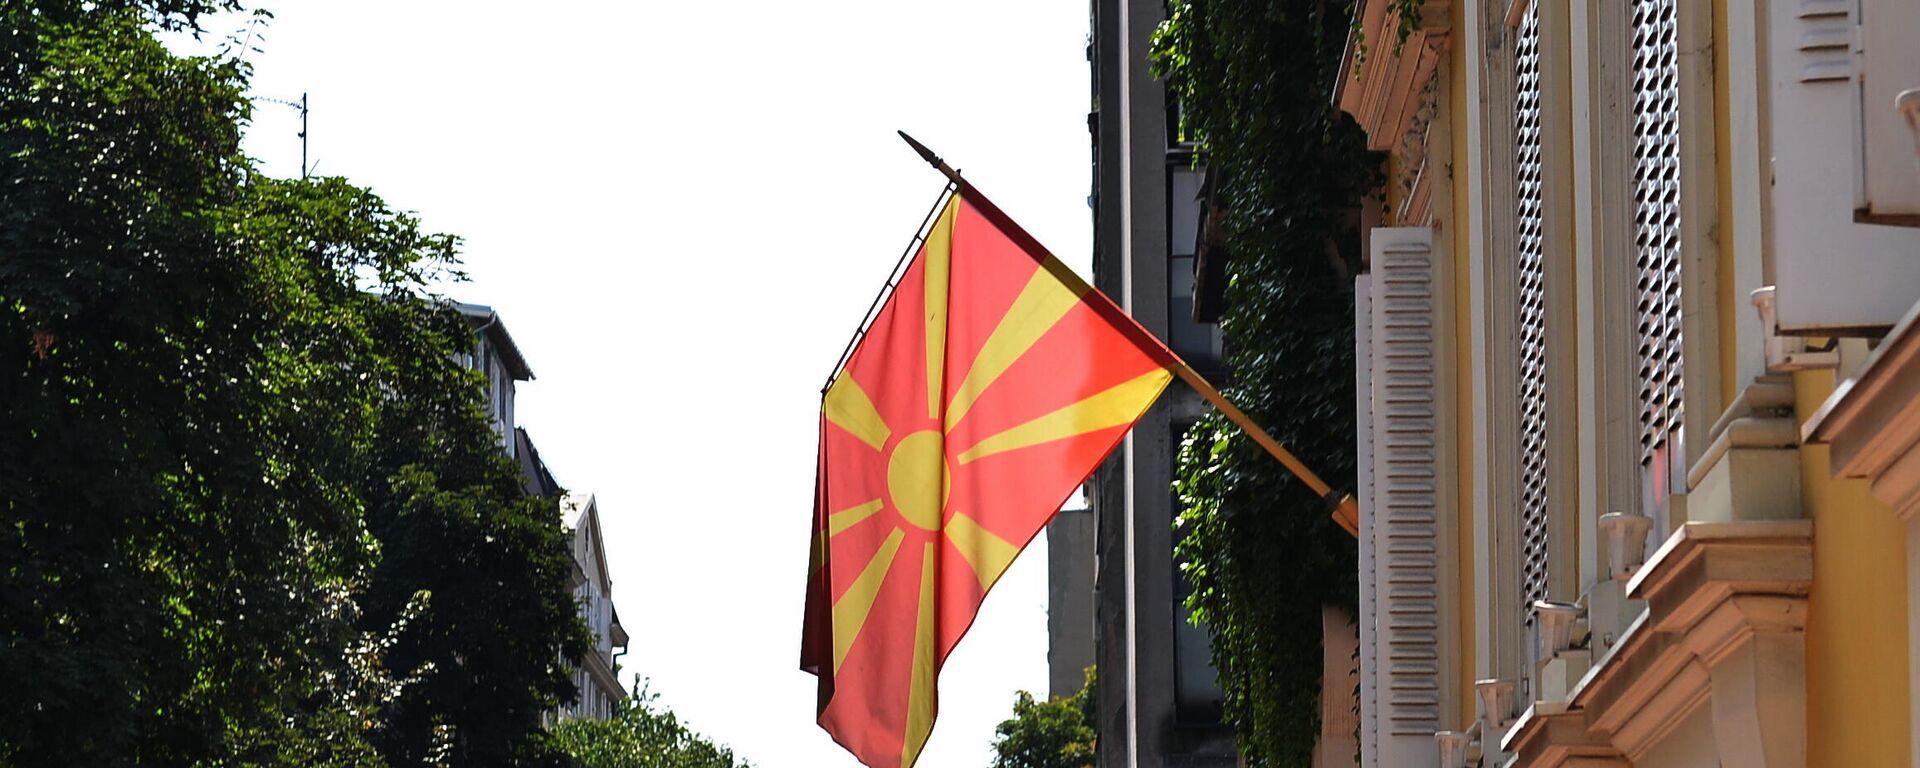 Застава Македоније на згради амбасаде - Sputnik Србија, 1920, 18.08.2021